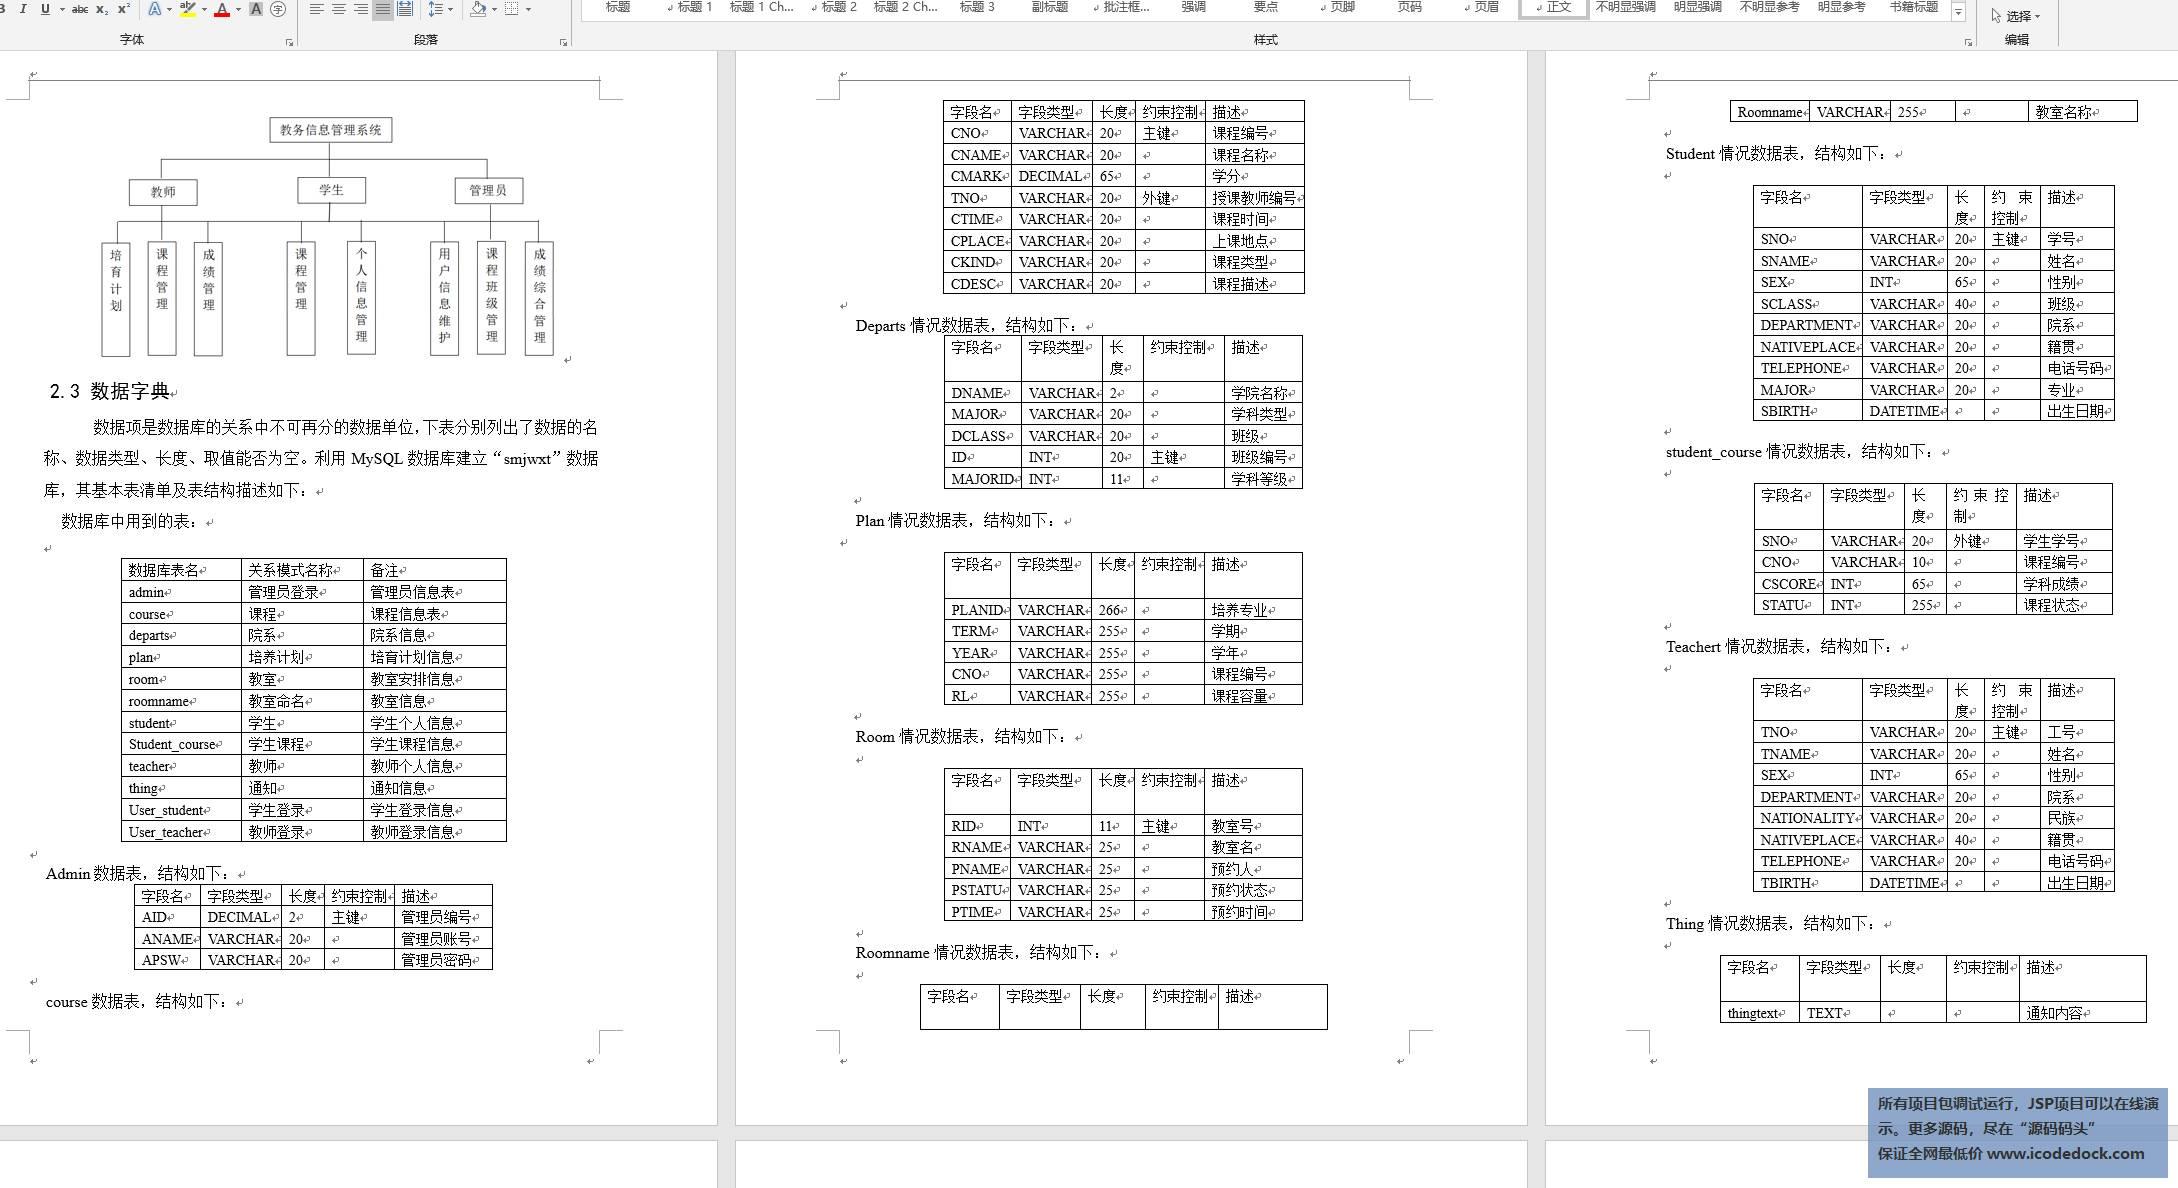 源码码头-教务管理系统-文稿截图-数据库